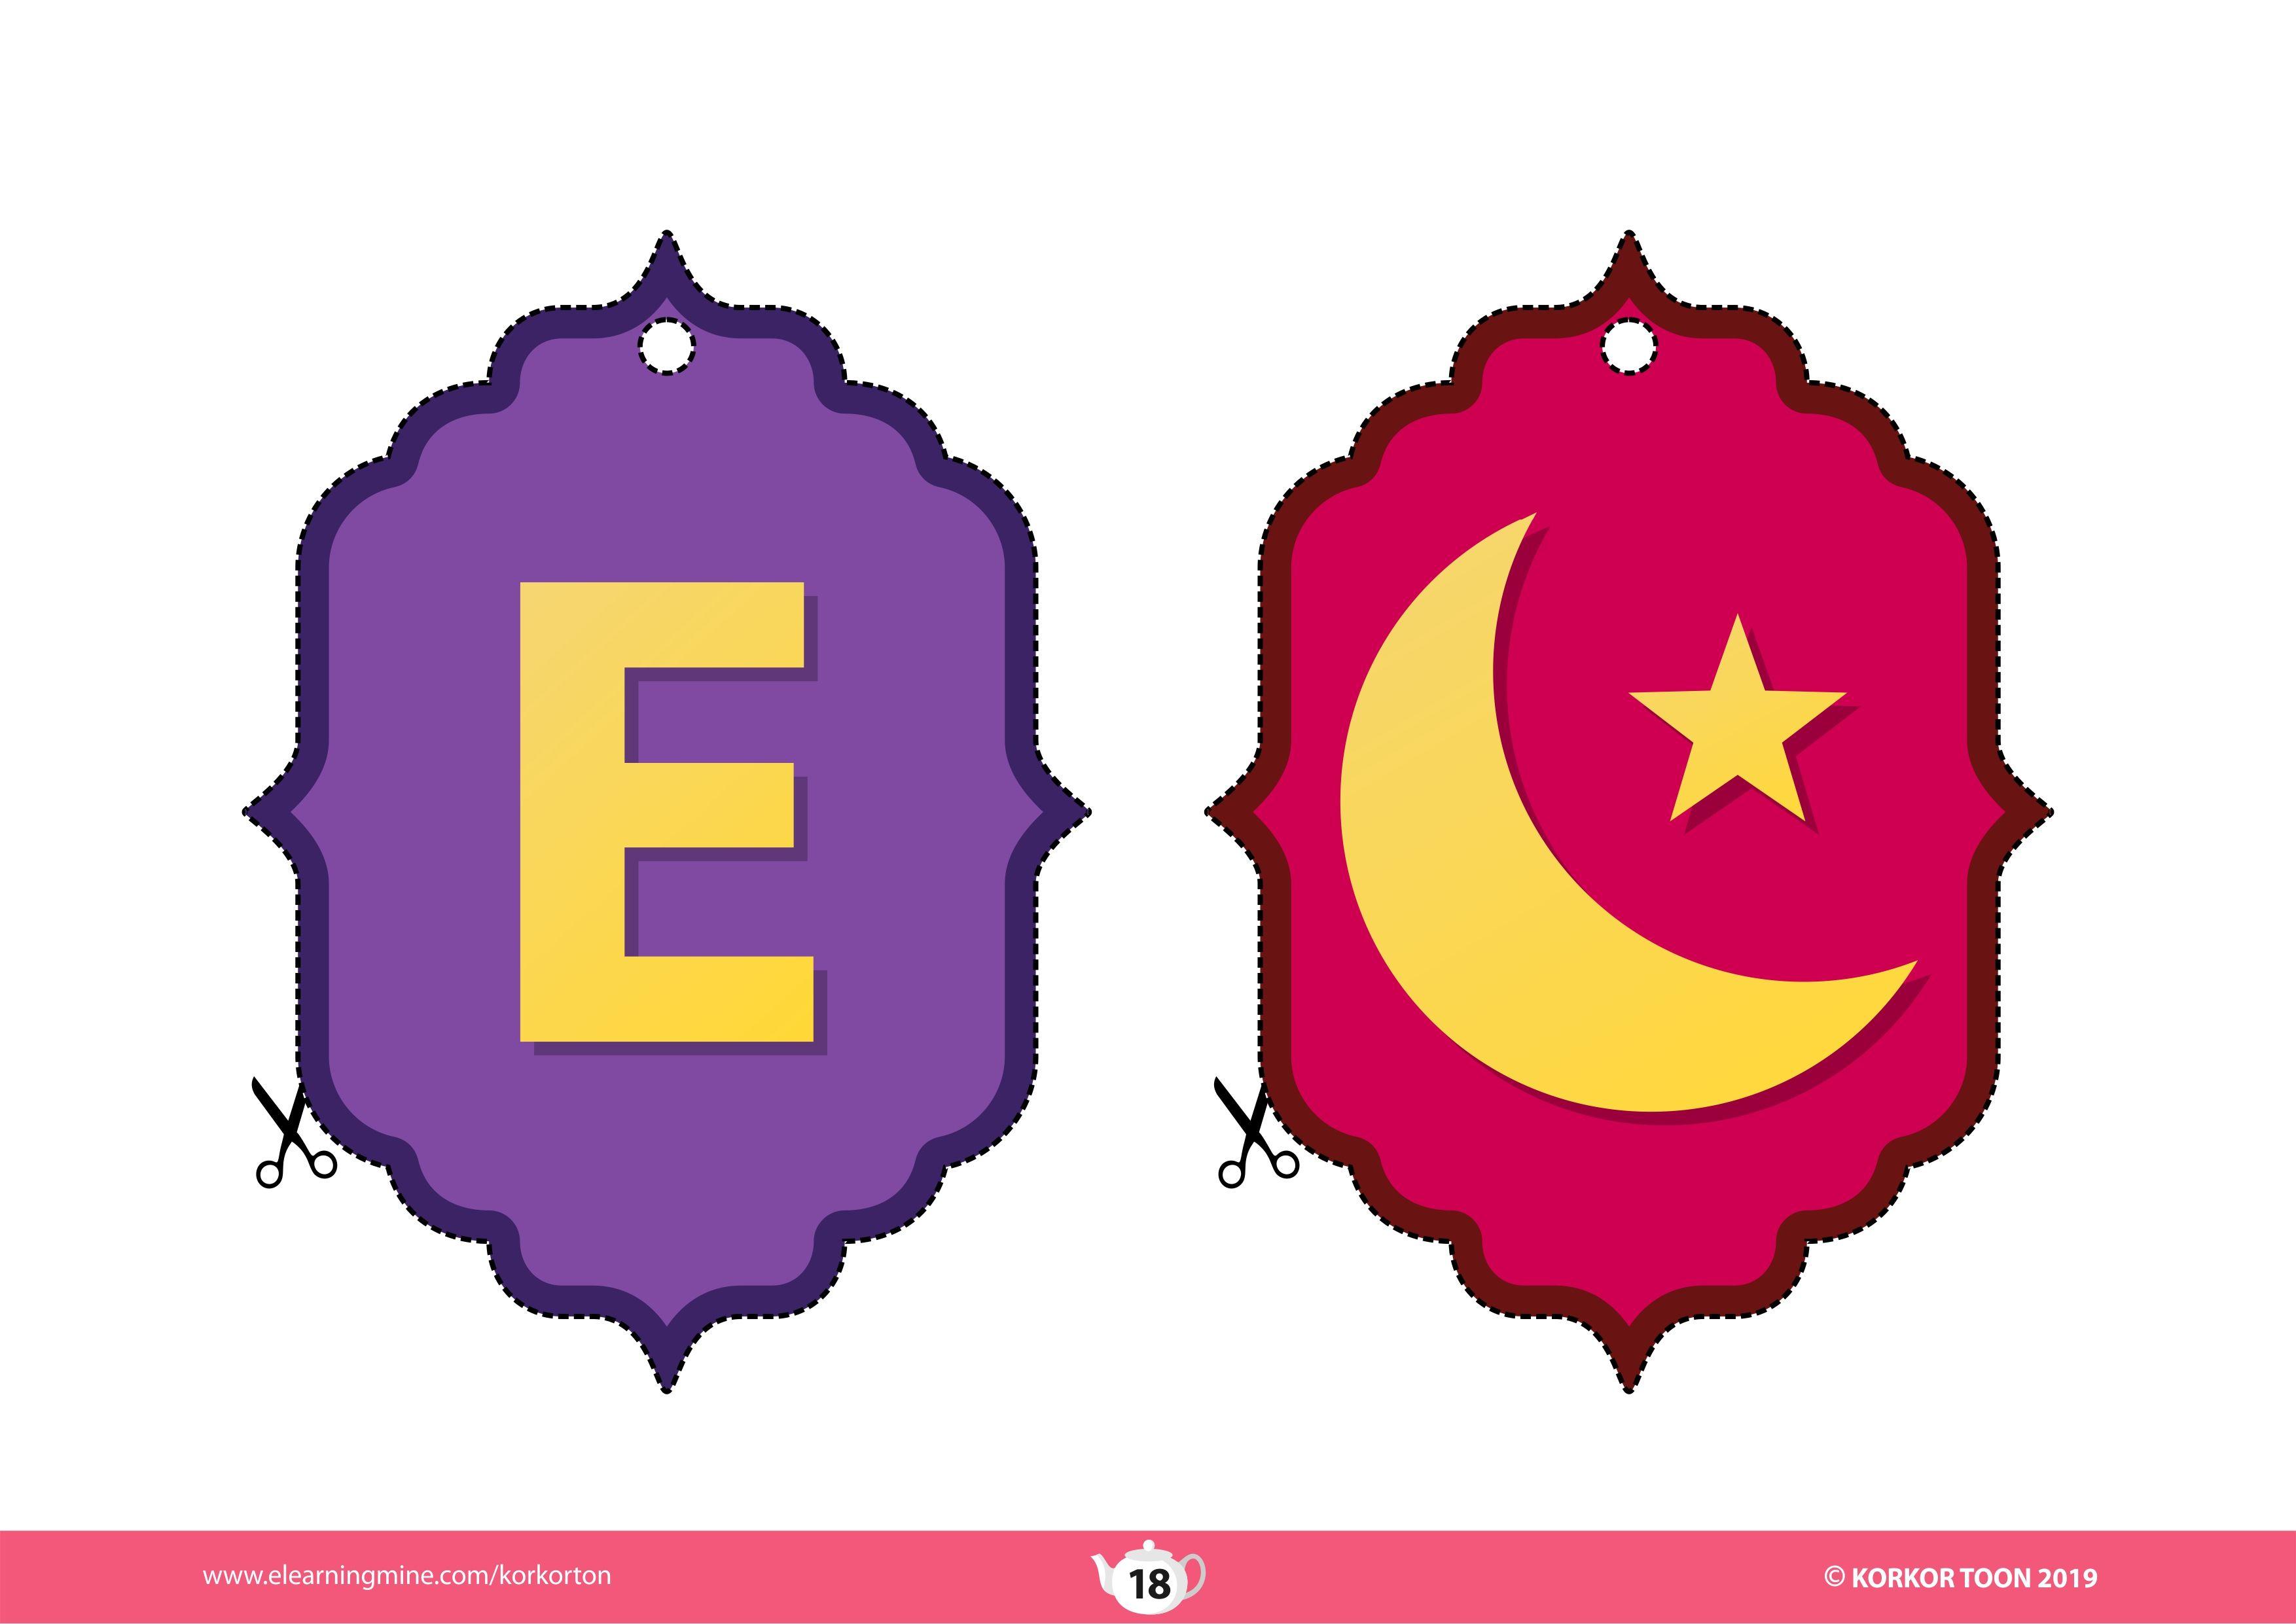 زينة رمضان جاهزة للطباعة Printable Ramadan Decoration Ramadan Decorations Ramadan Lantern Islamic Art